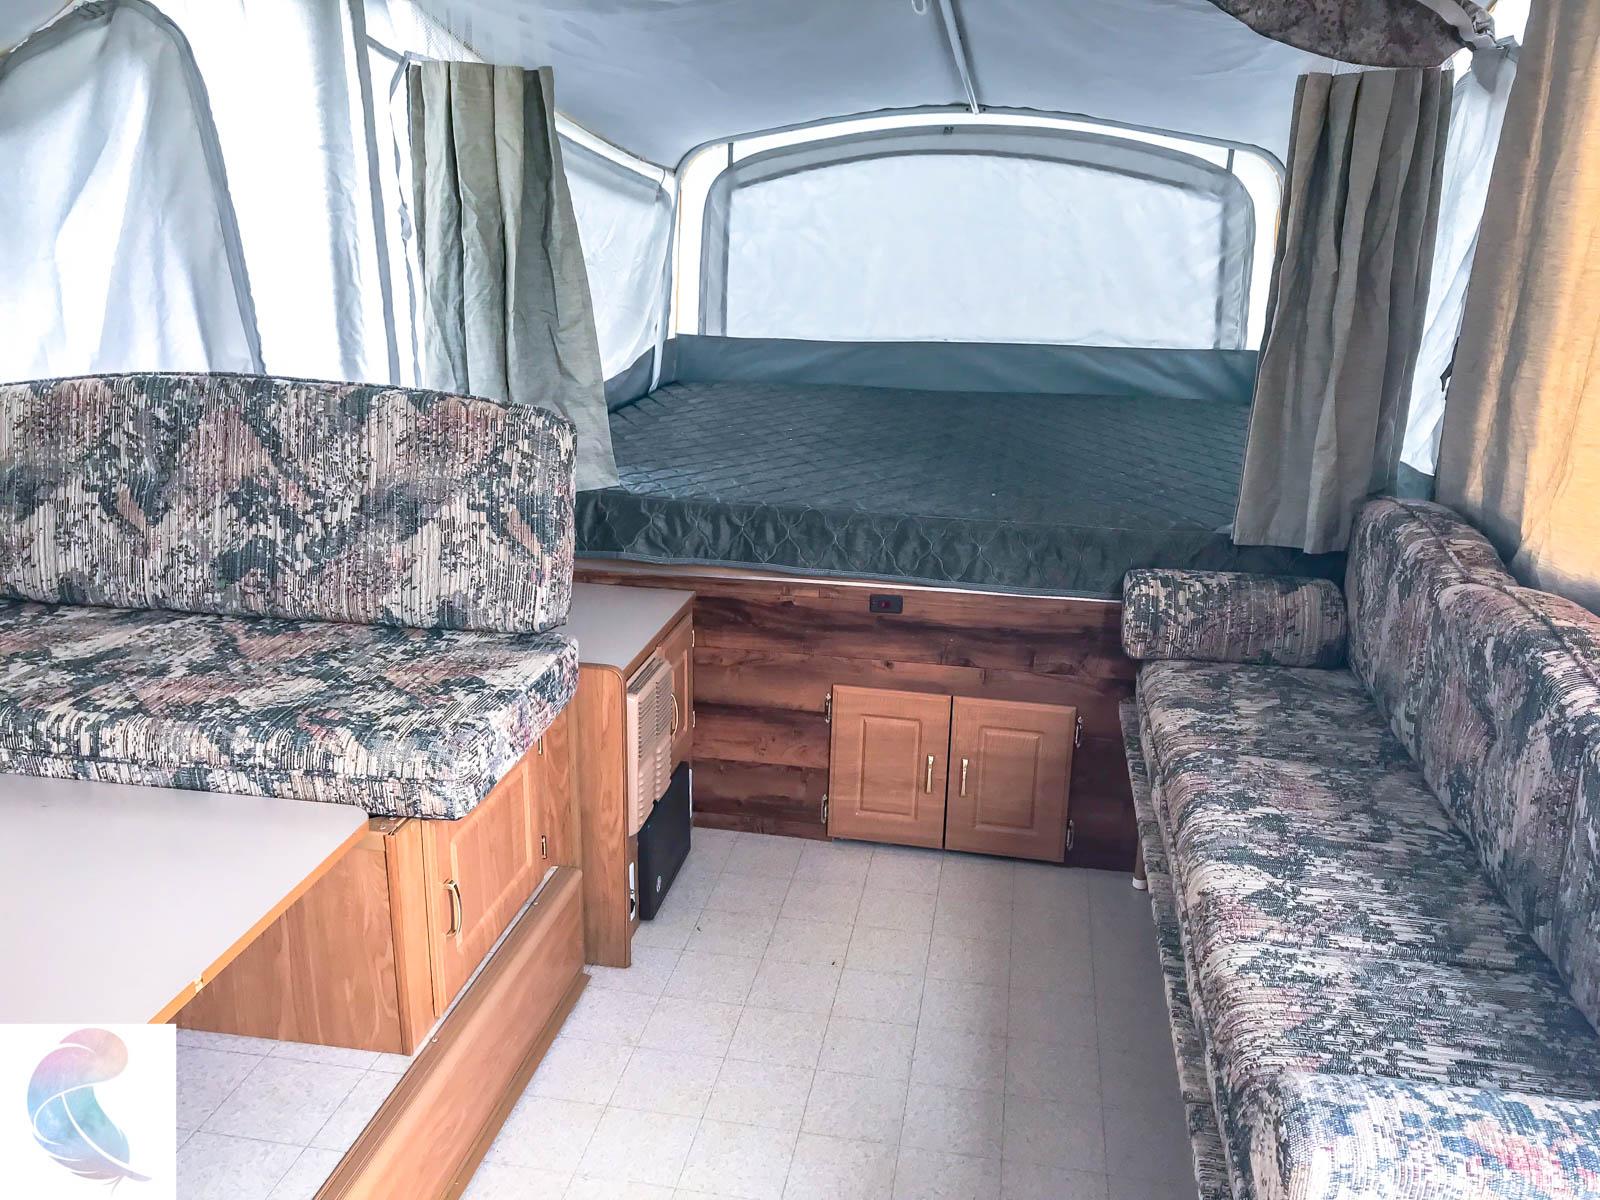 Pop Up Camper Restoration